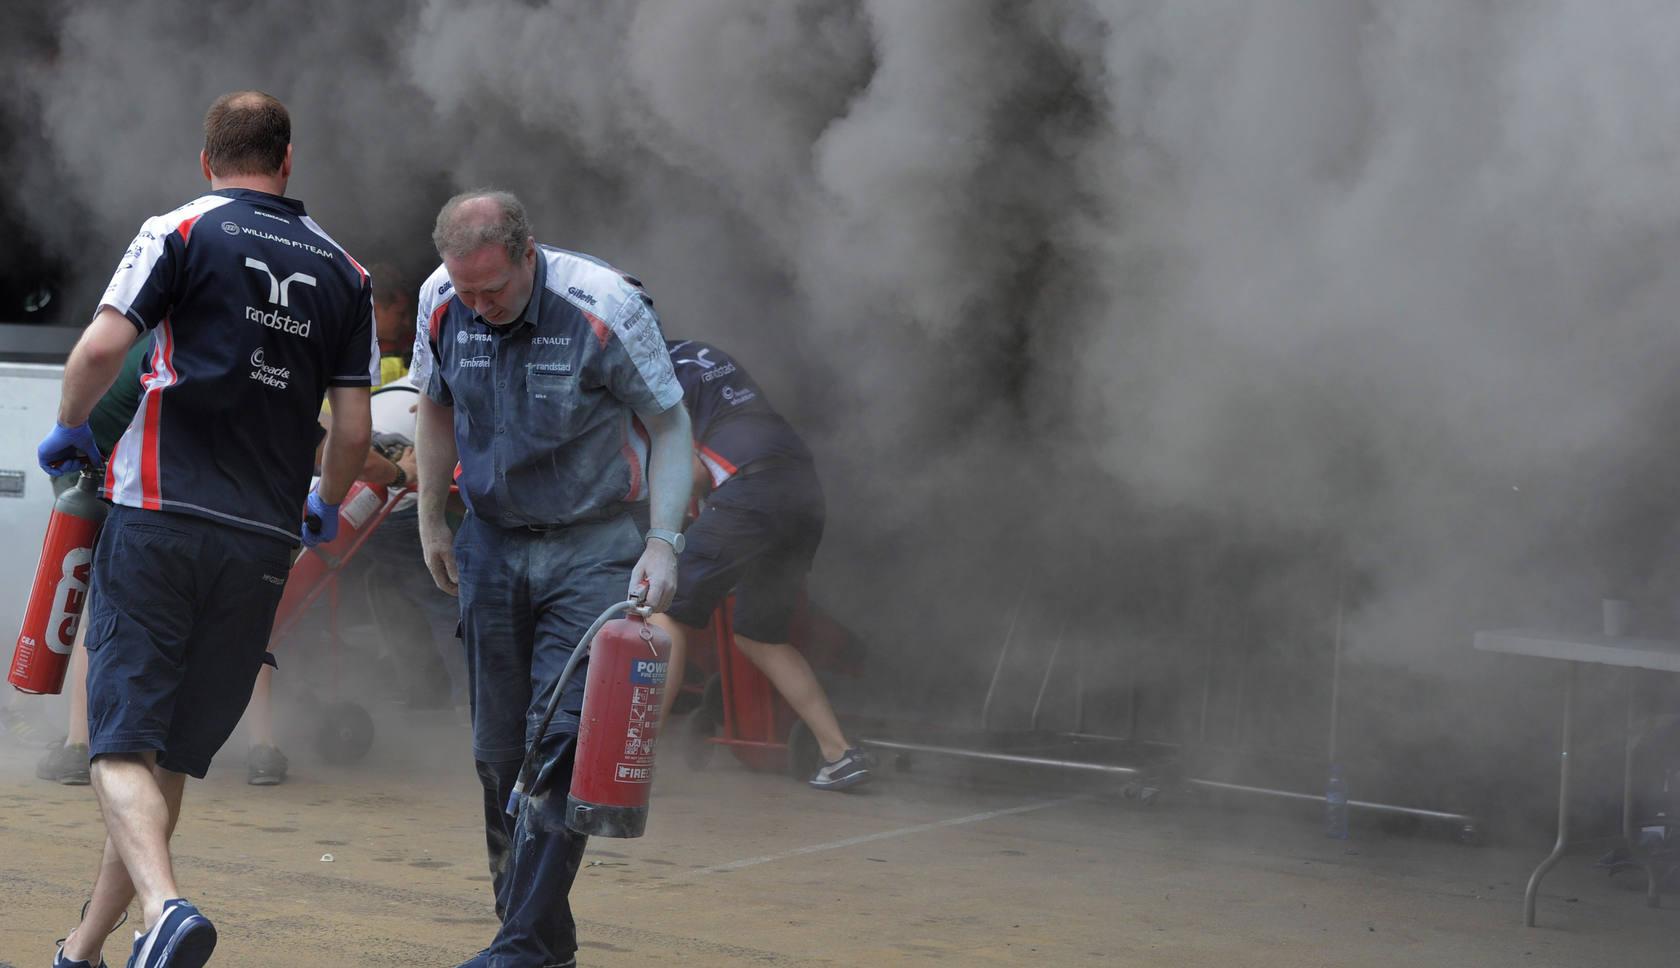 Un herido grave por el incendio en el taller de Williams en Montmeló